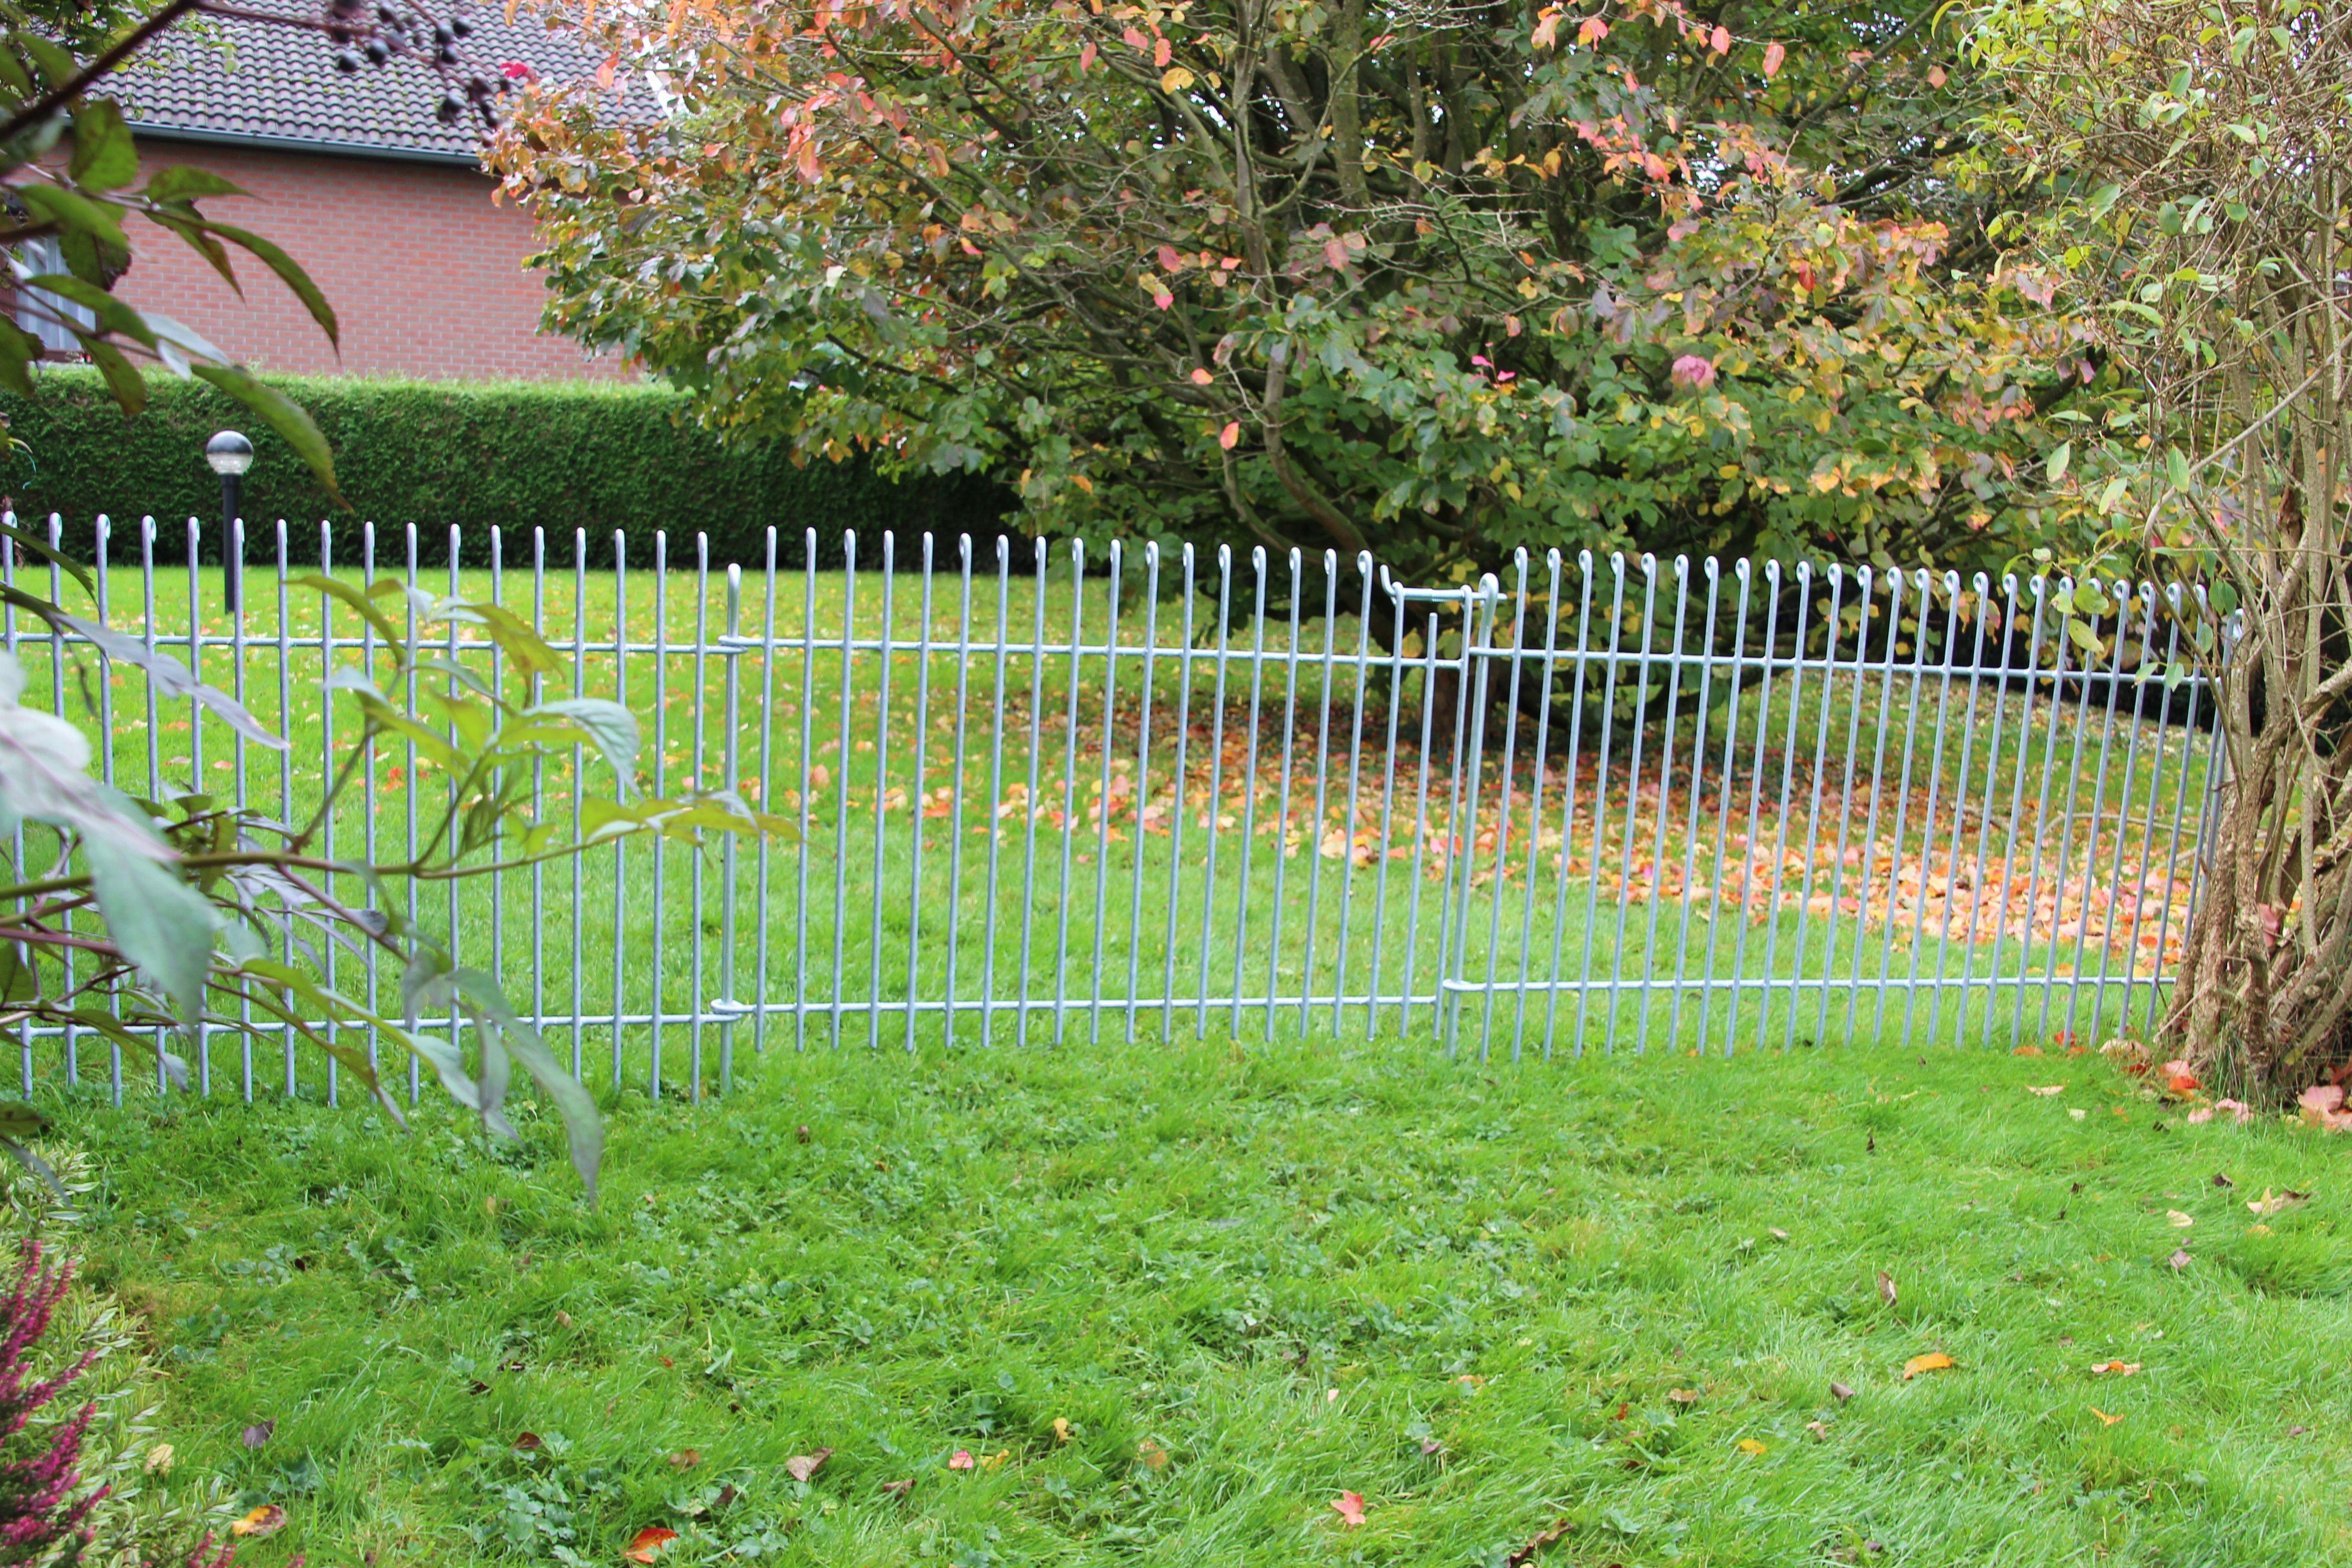 80 Cm Hoher Gartenzaun Mit Tür Für Einen Neuen Hund